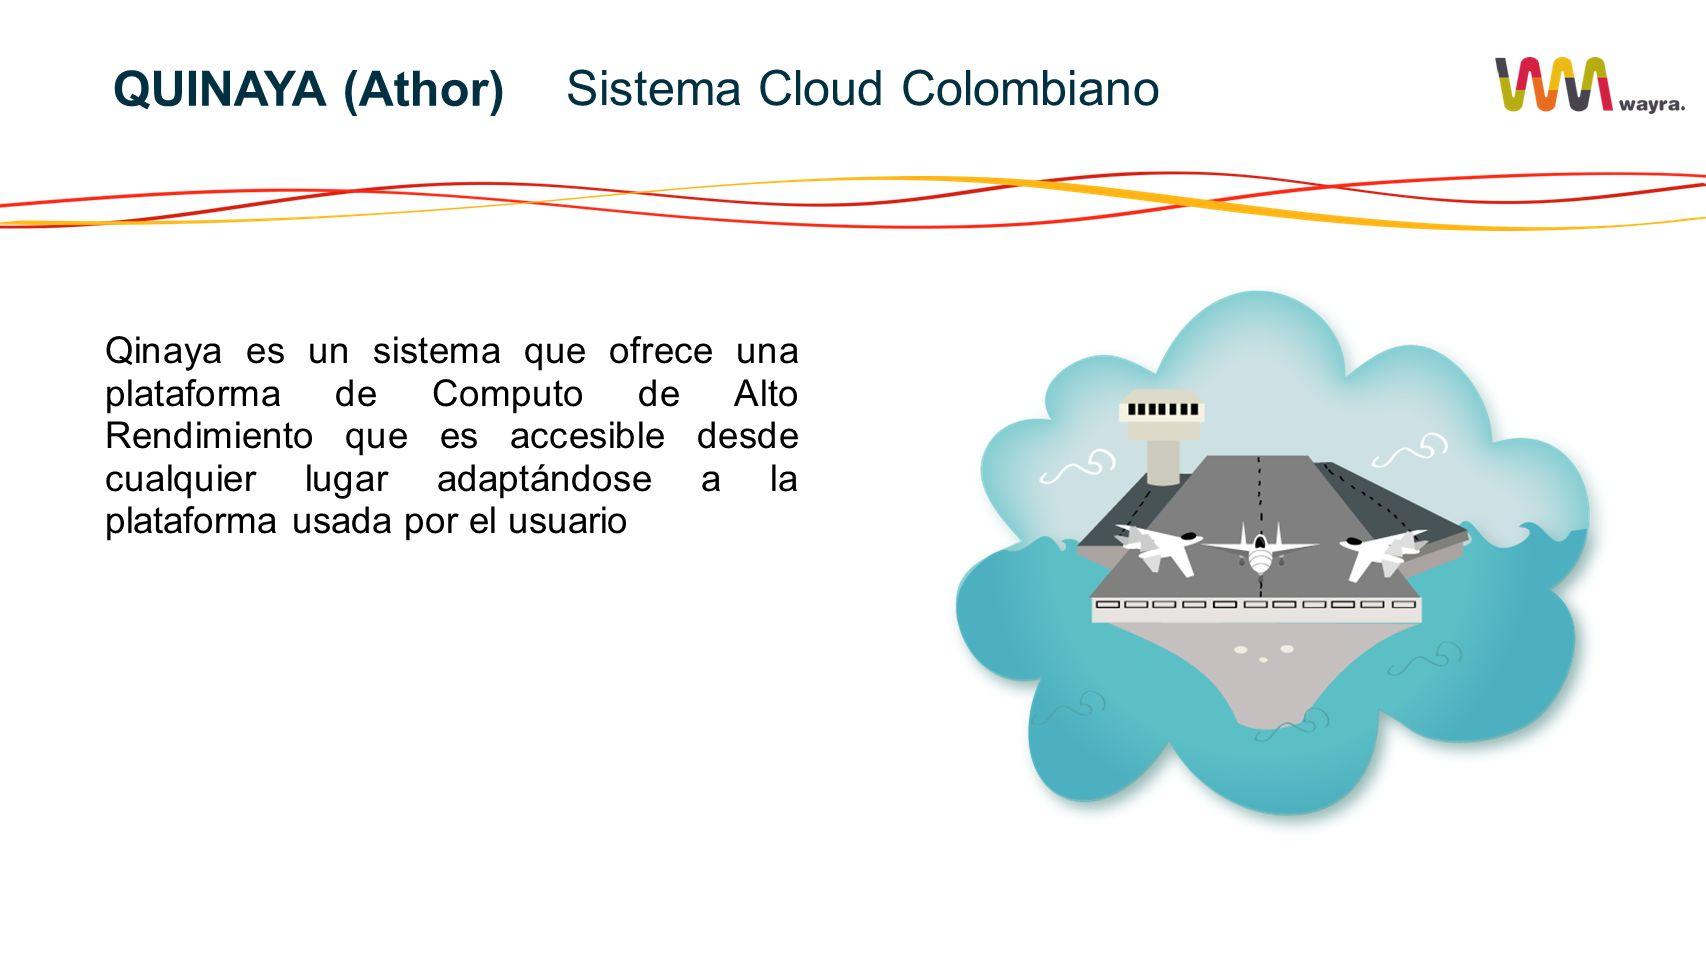 Qinaya es un sistema que ofrece una plataforma de Computo de Alto Rendimiento que es accesible desde cualquier lugar adaptándose a la plataforma usada por el usuario Sistema Cloud Colombiano QUINAYA (Athor)